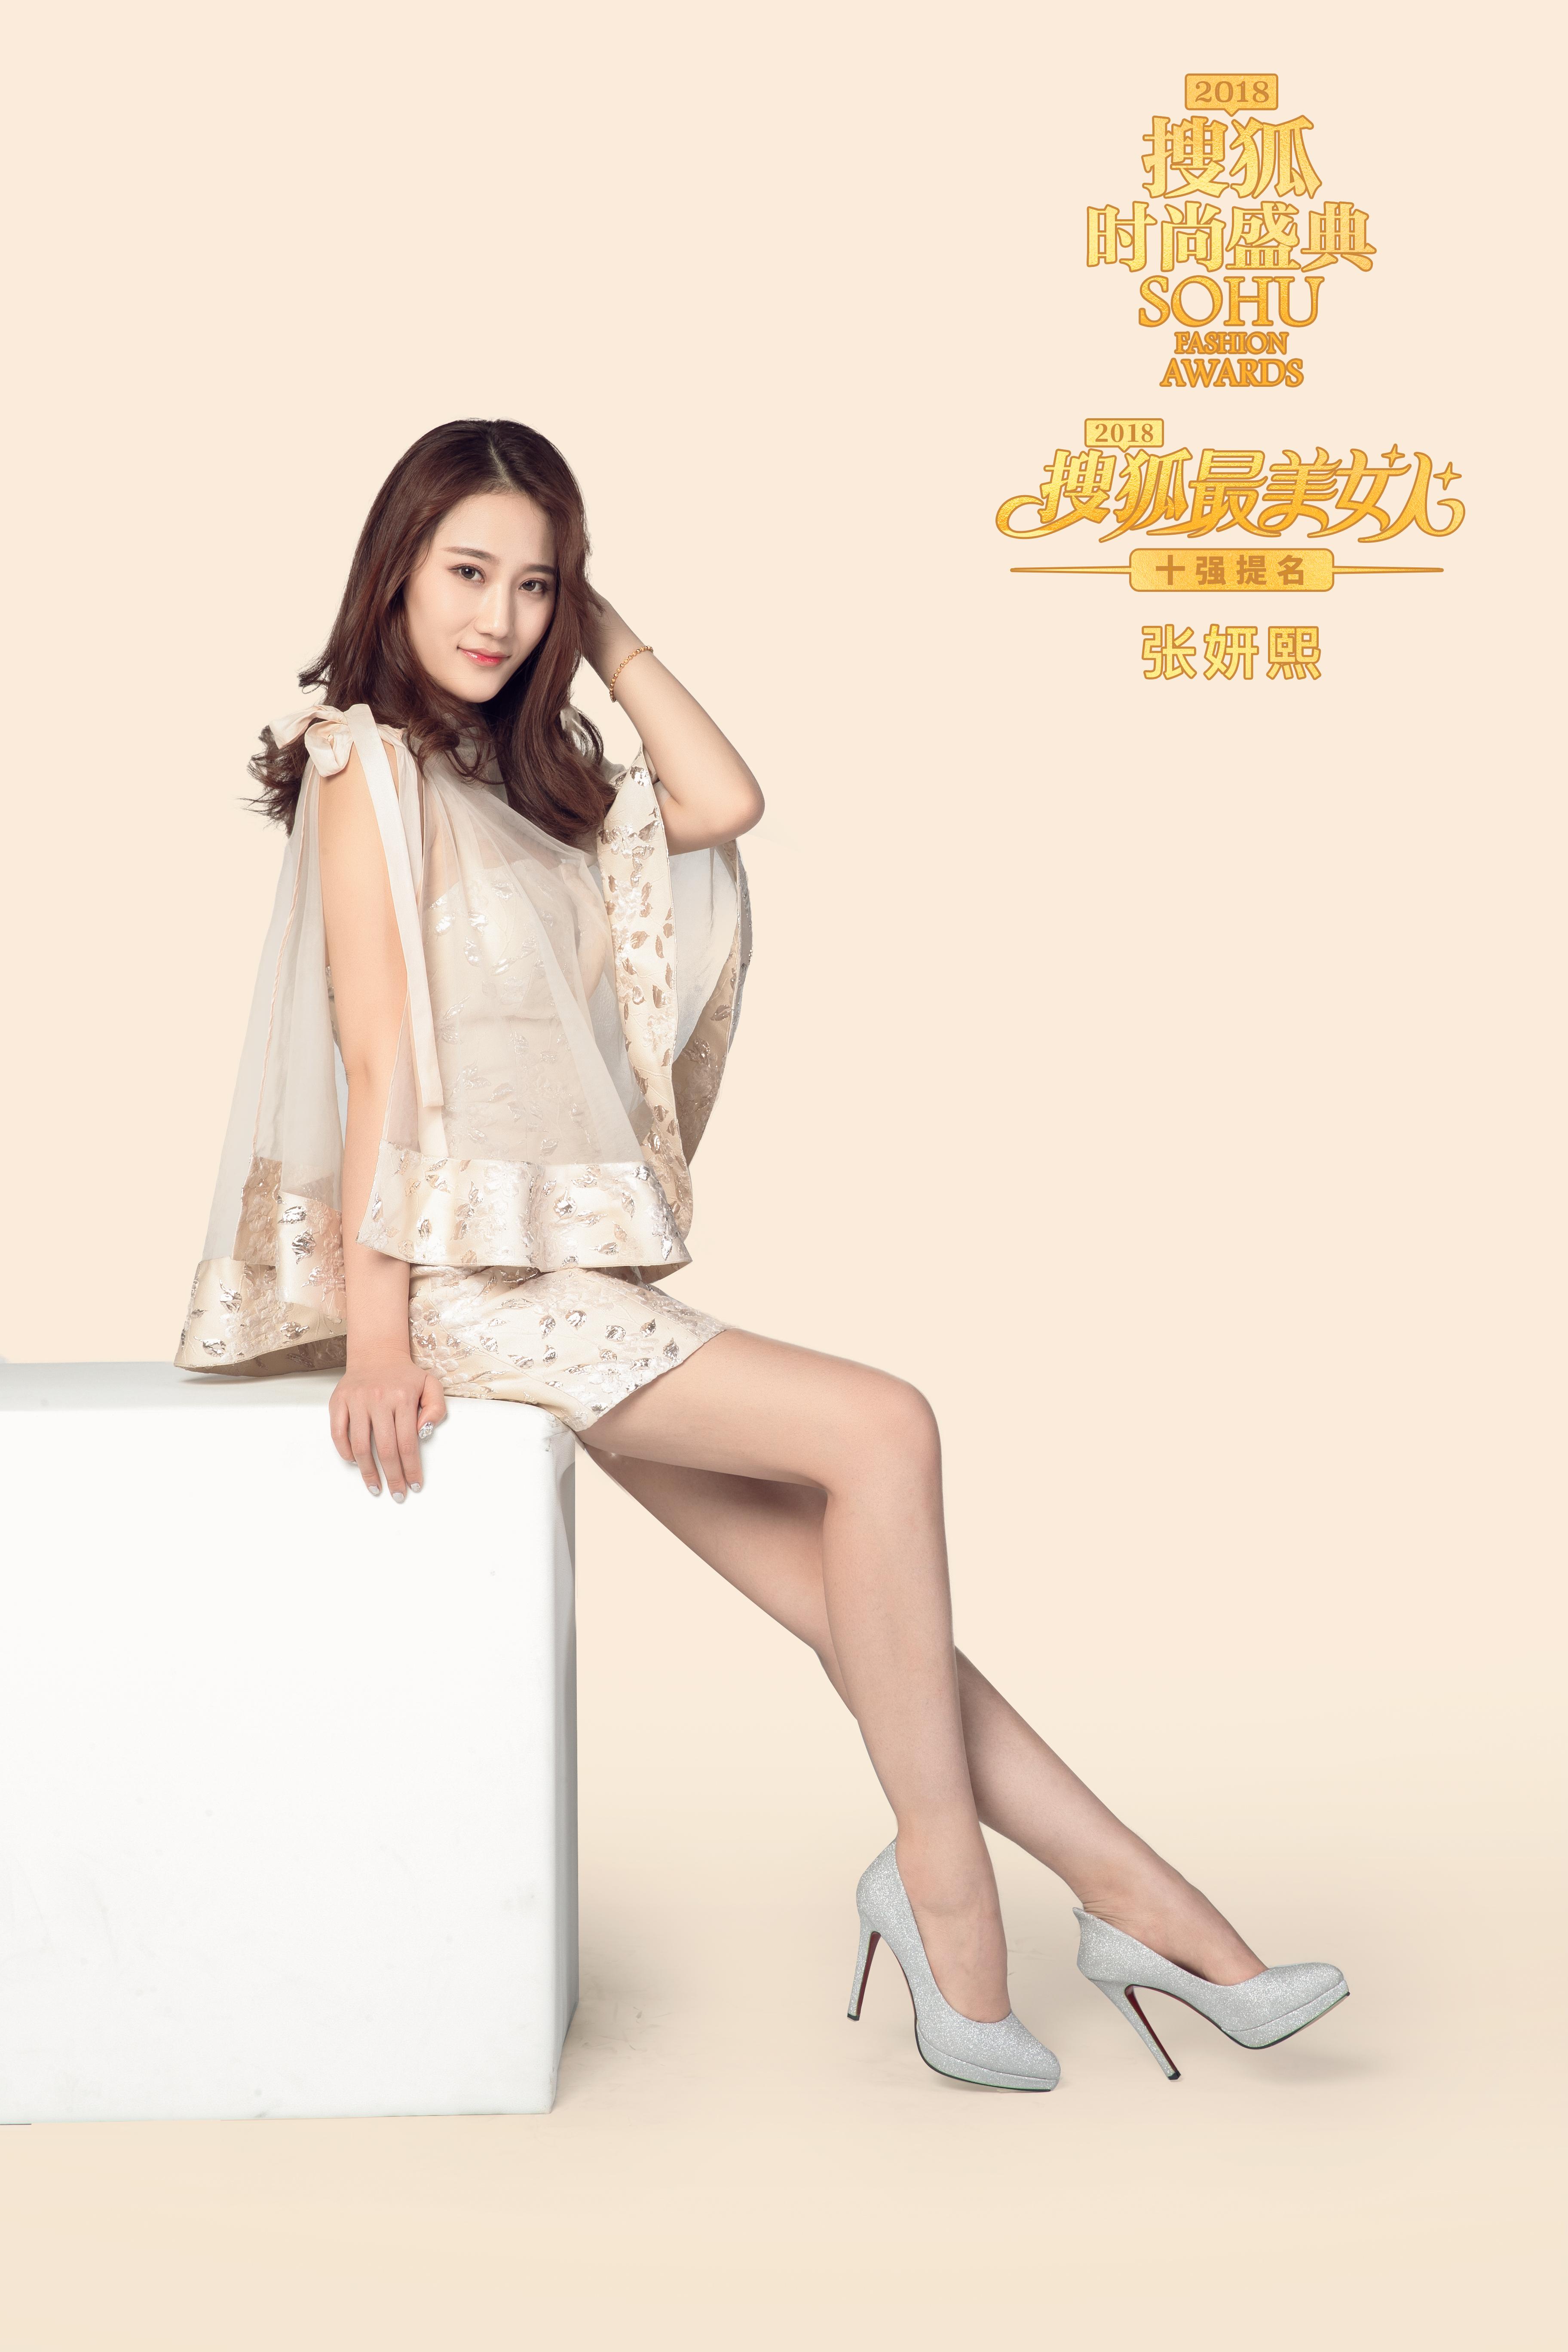 2018搜狐時尚盛典「年度最美女人」提名:張妍熙 形象穿搭 第1張